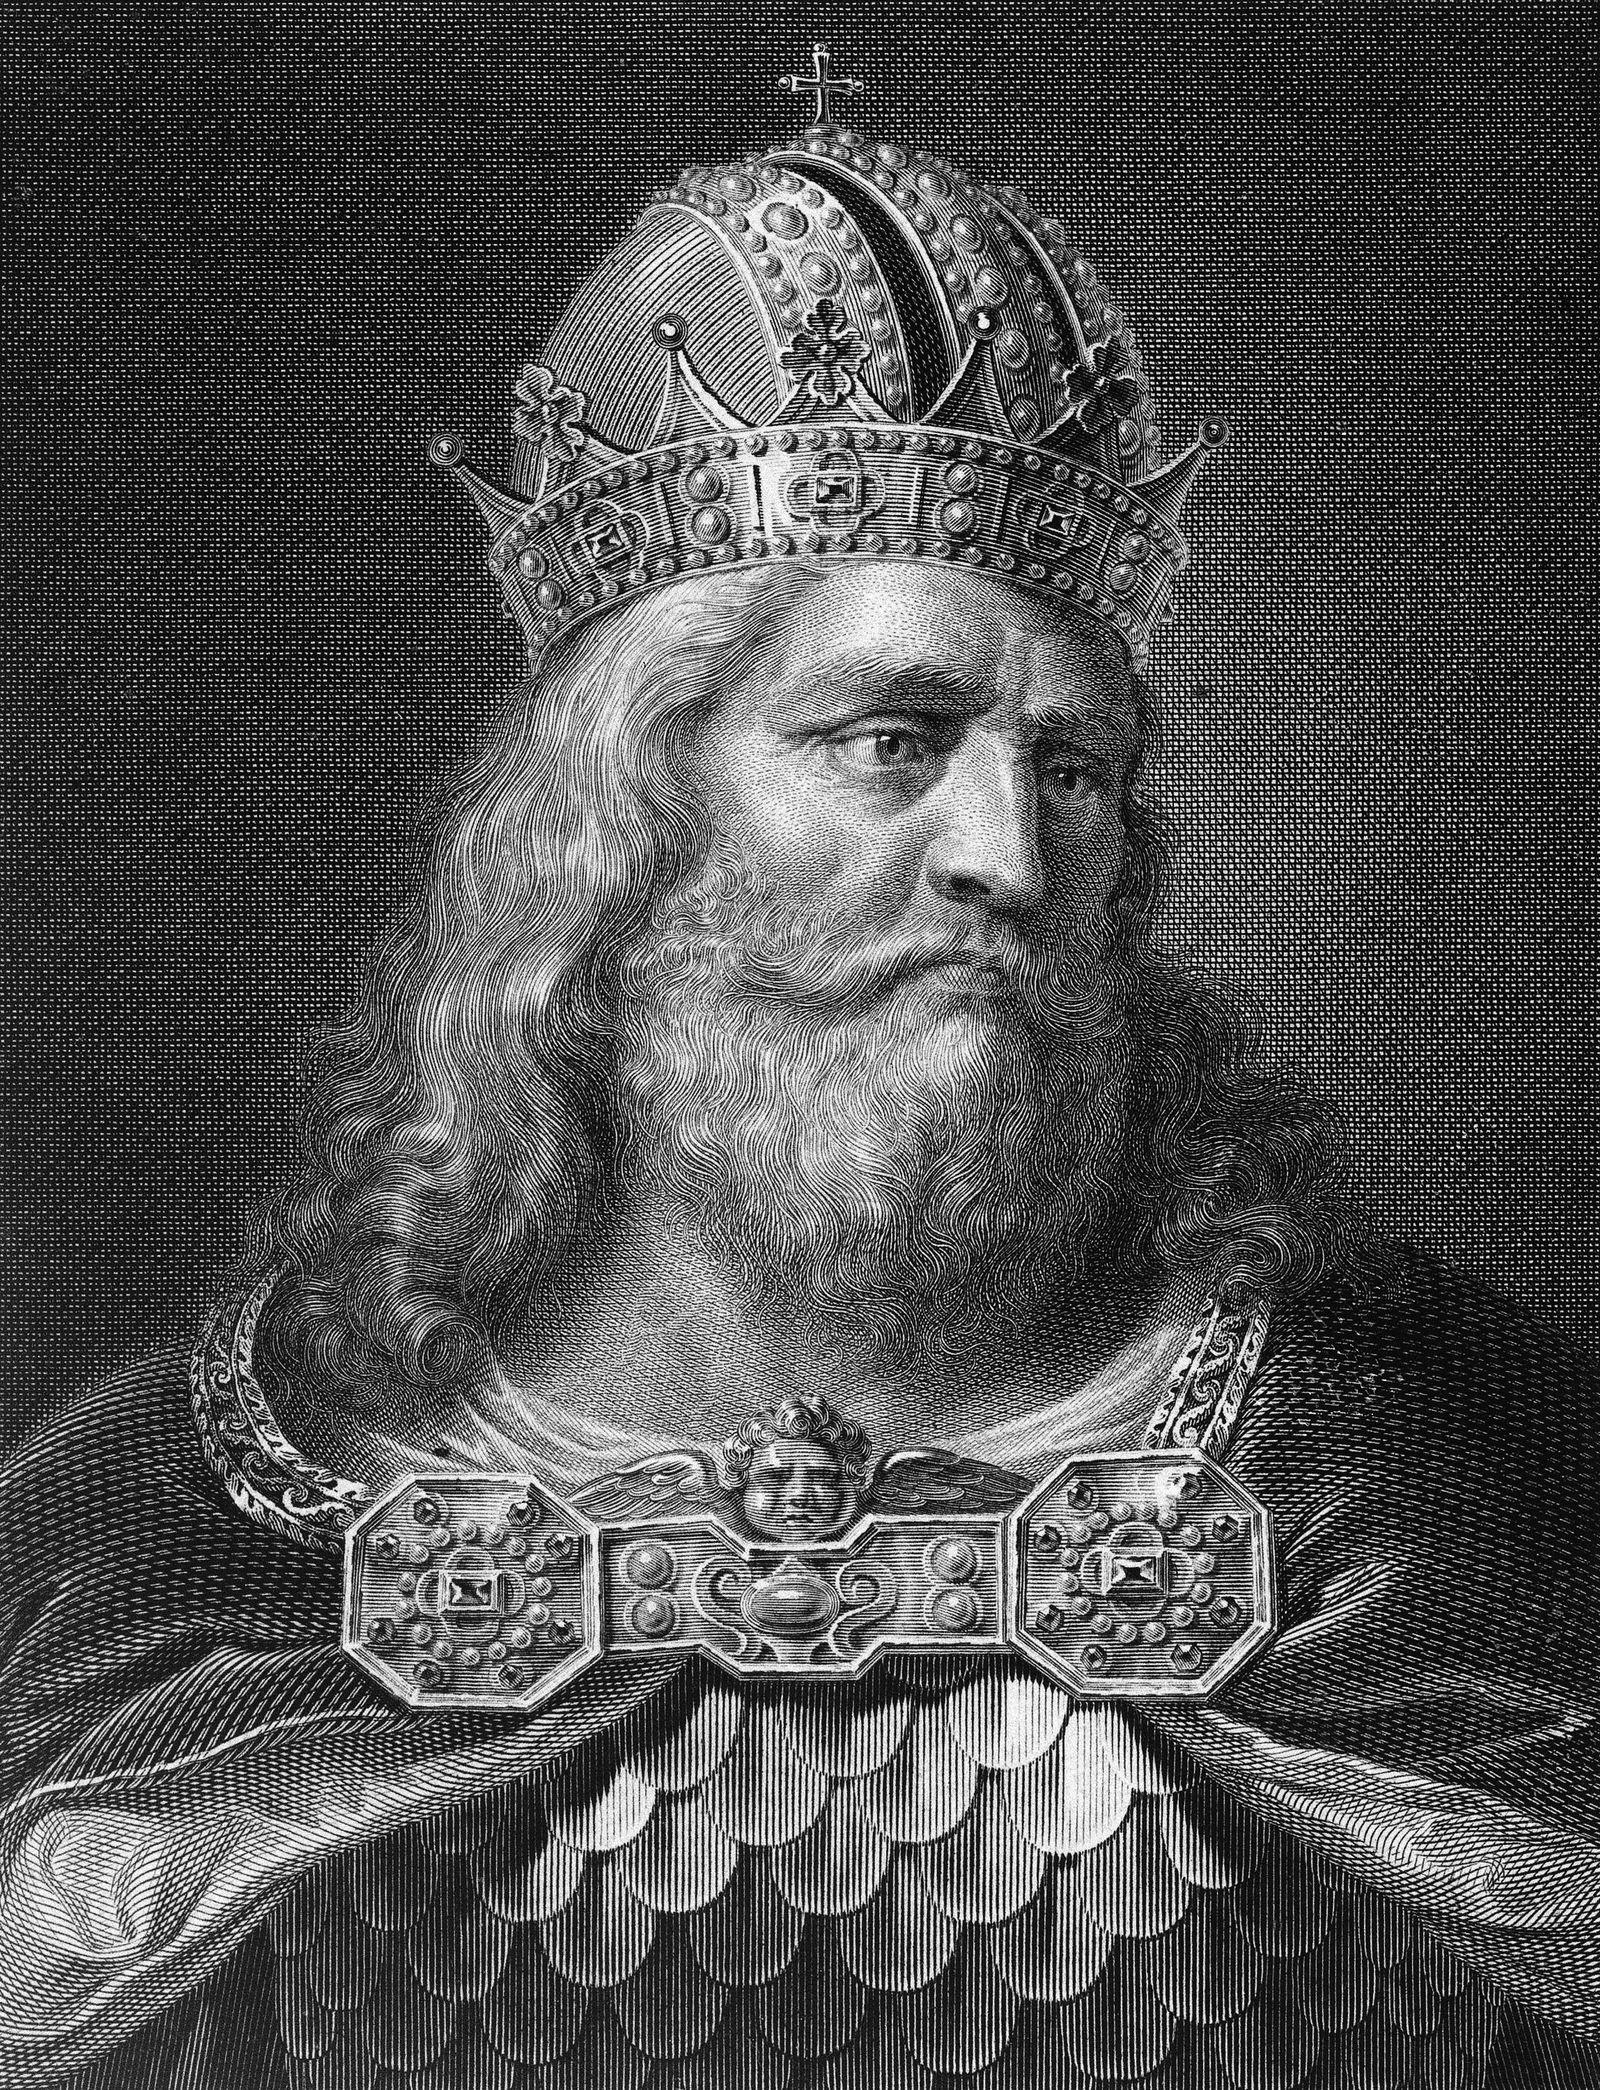 Charlemagne / Karl der Große